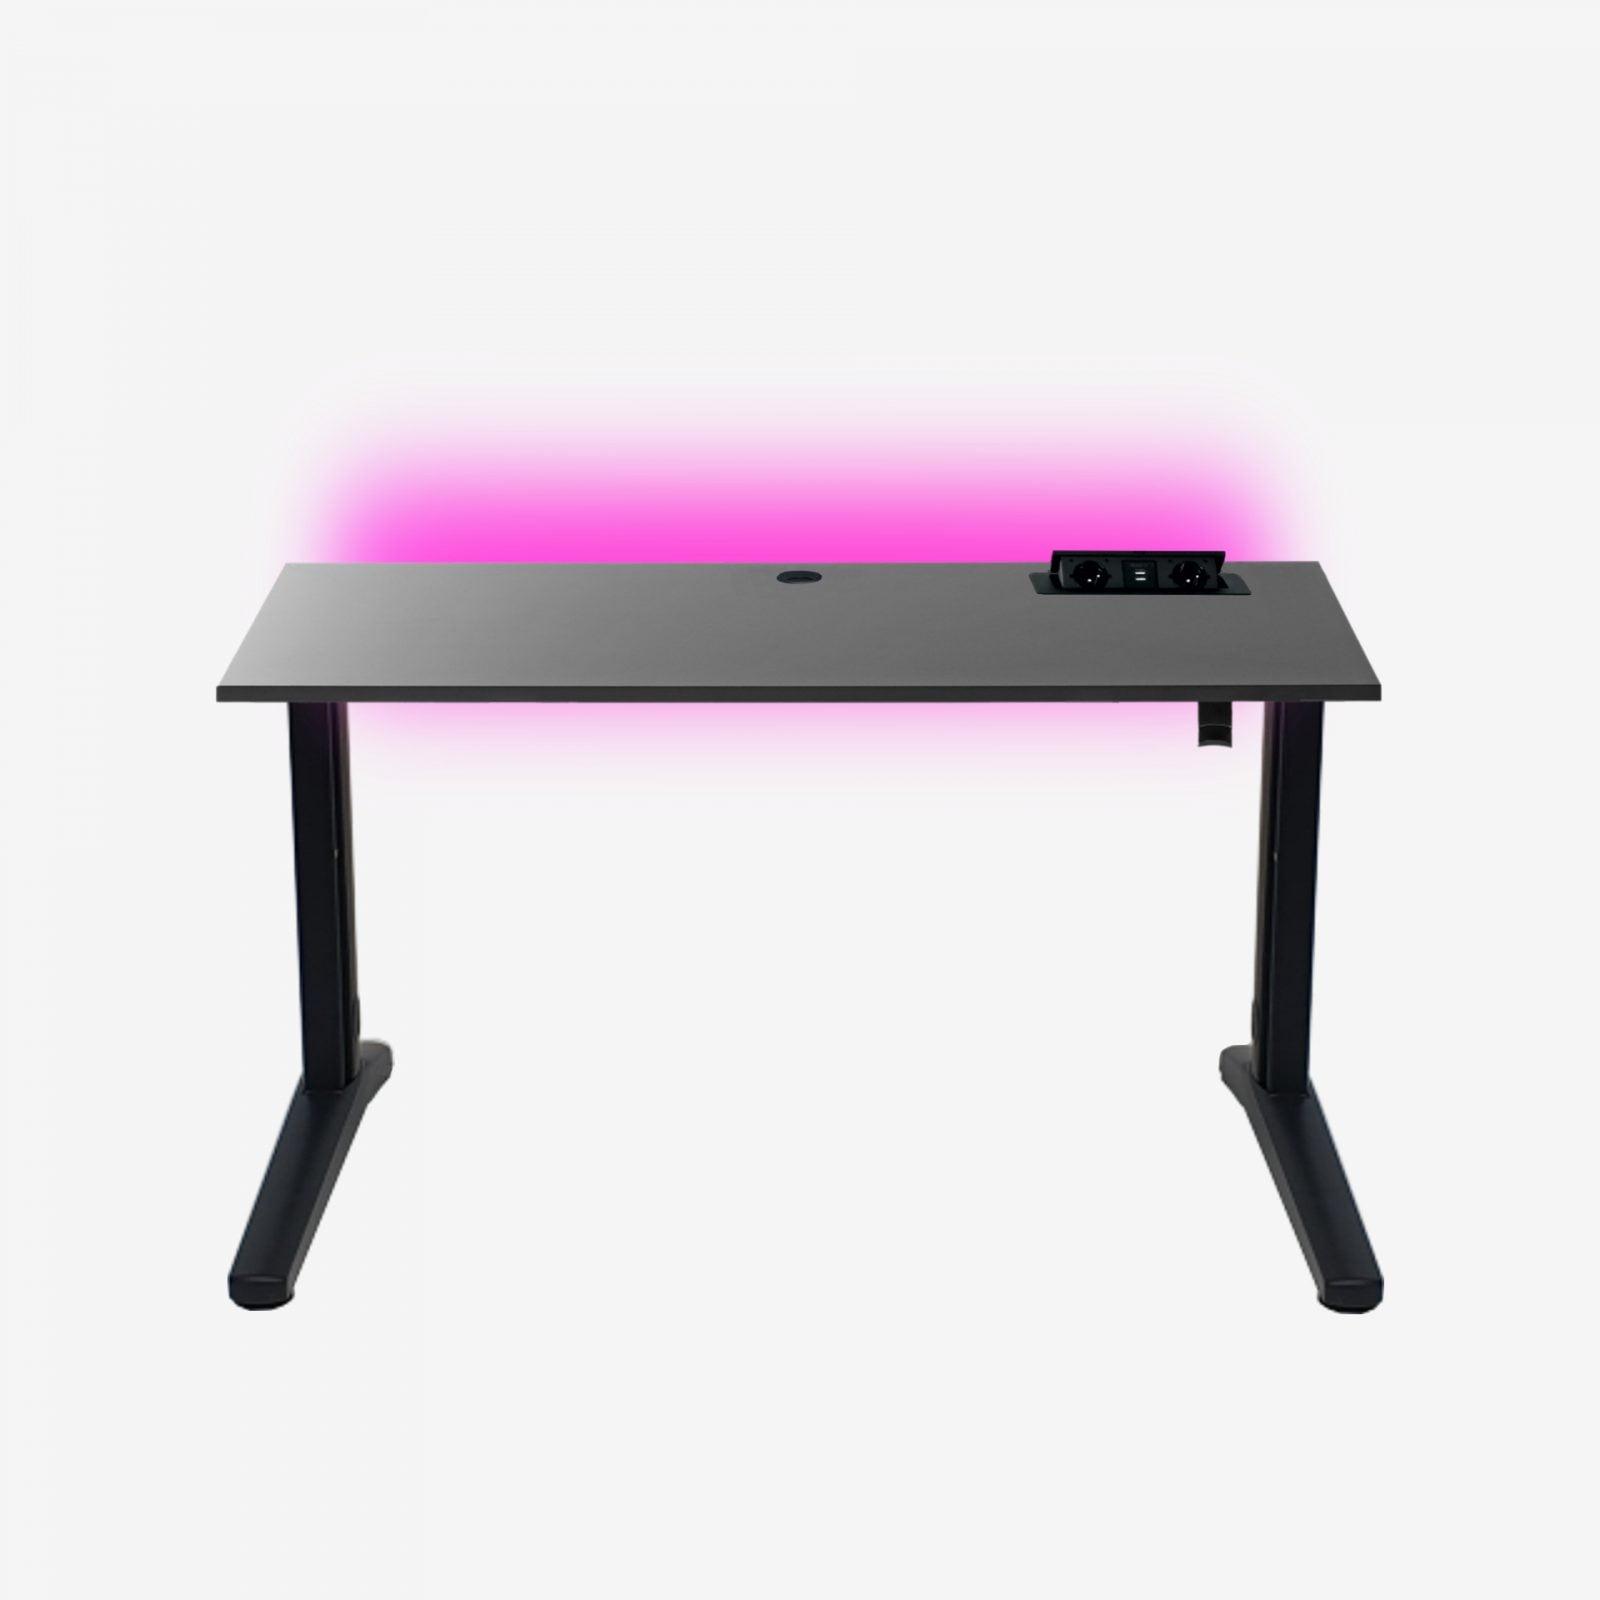 biurko gamingowe z przepustem na stelażu